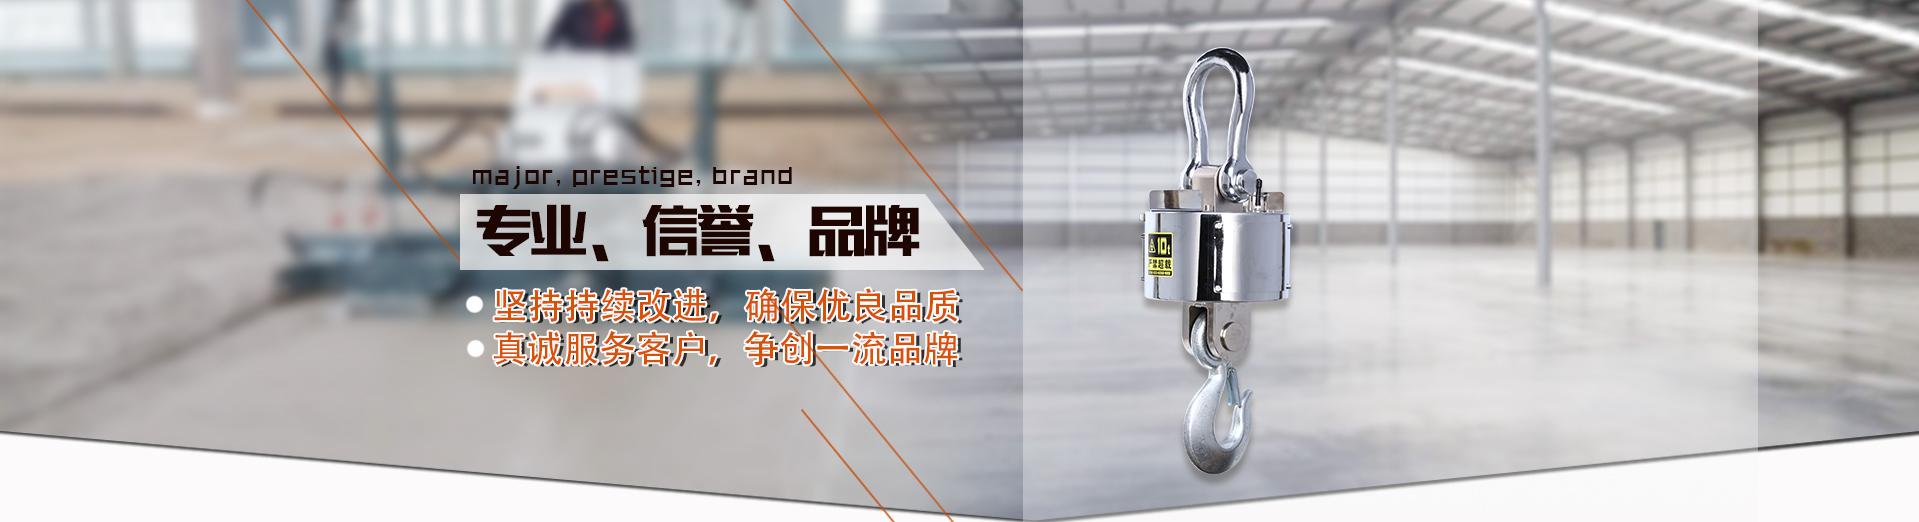 宁波北仑依托力称重设备有限公司